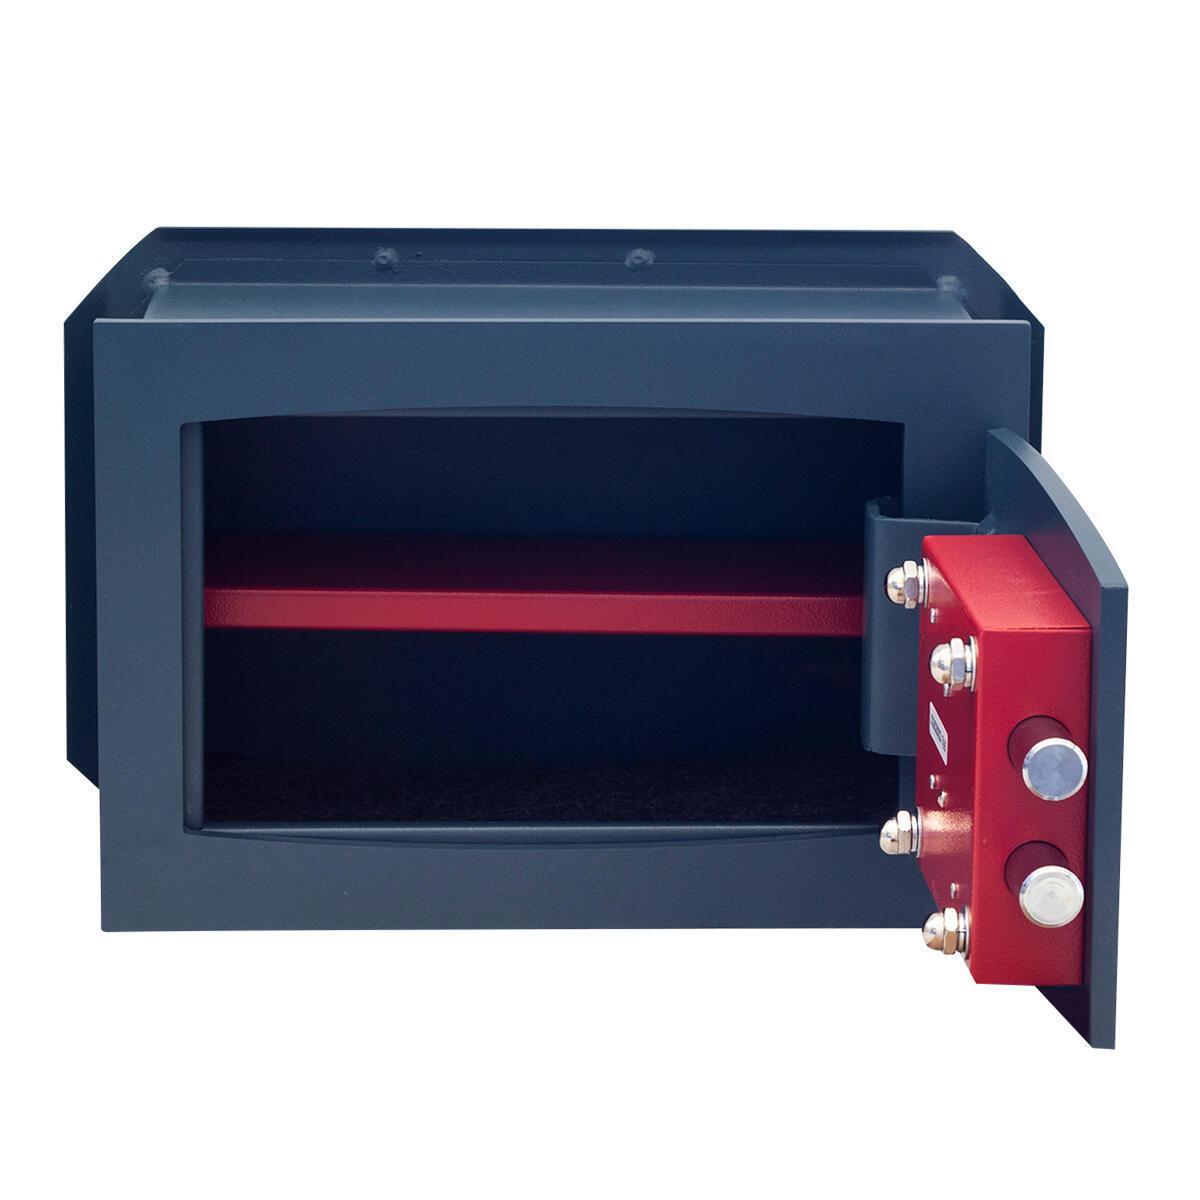 Cassaforte a chiave STARK 800A da murare L26 x P15 x H18 cm - 3